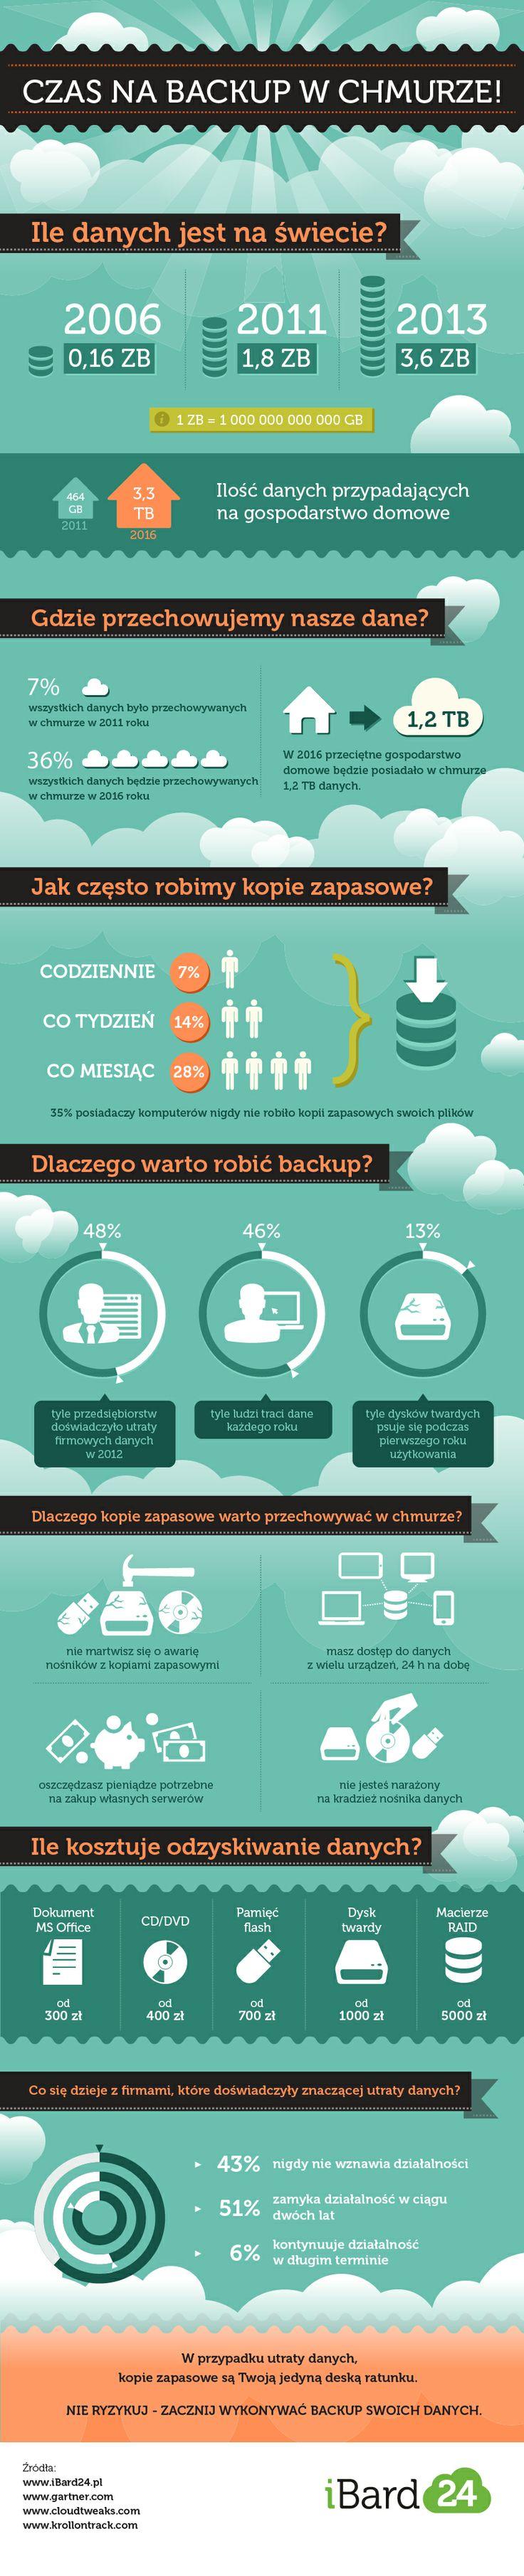 Dowiedz się, czym jest backup danych